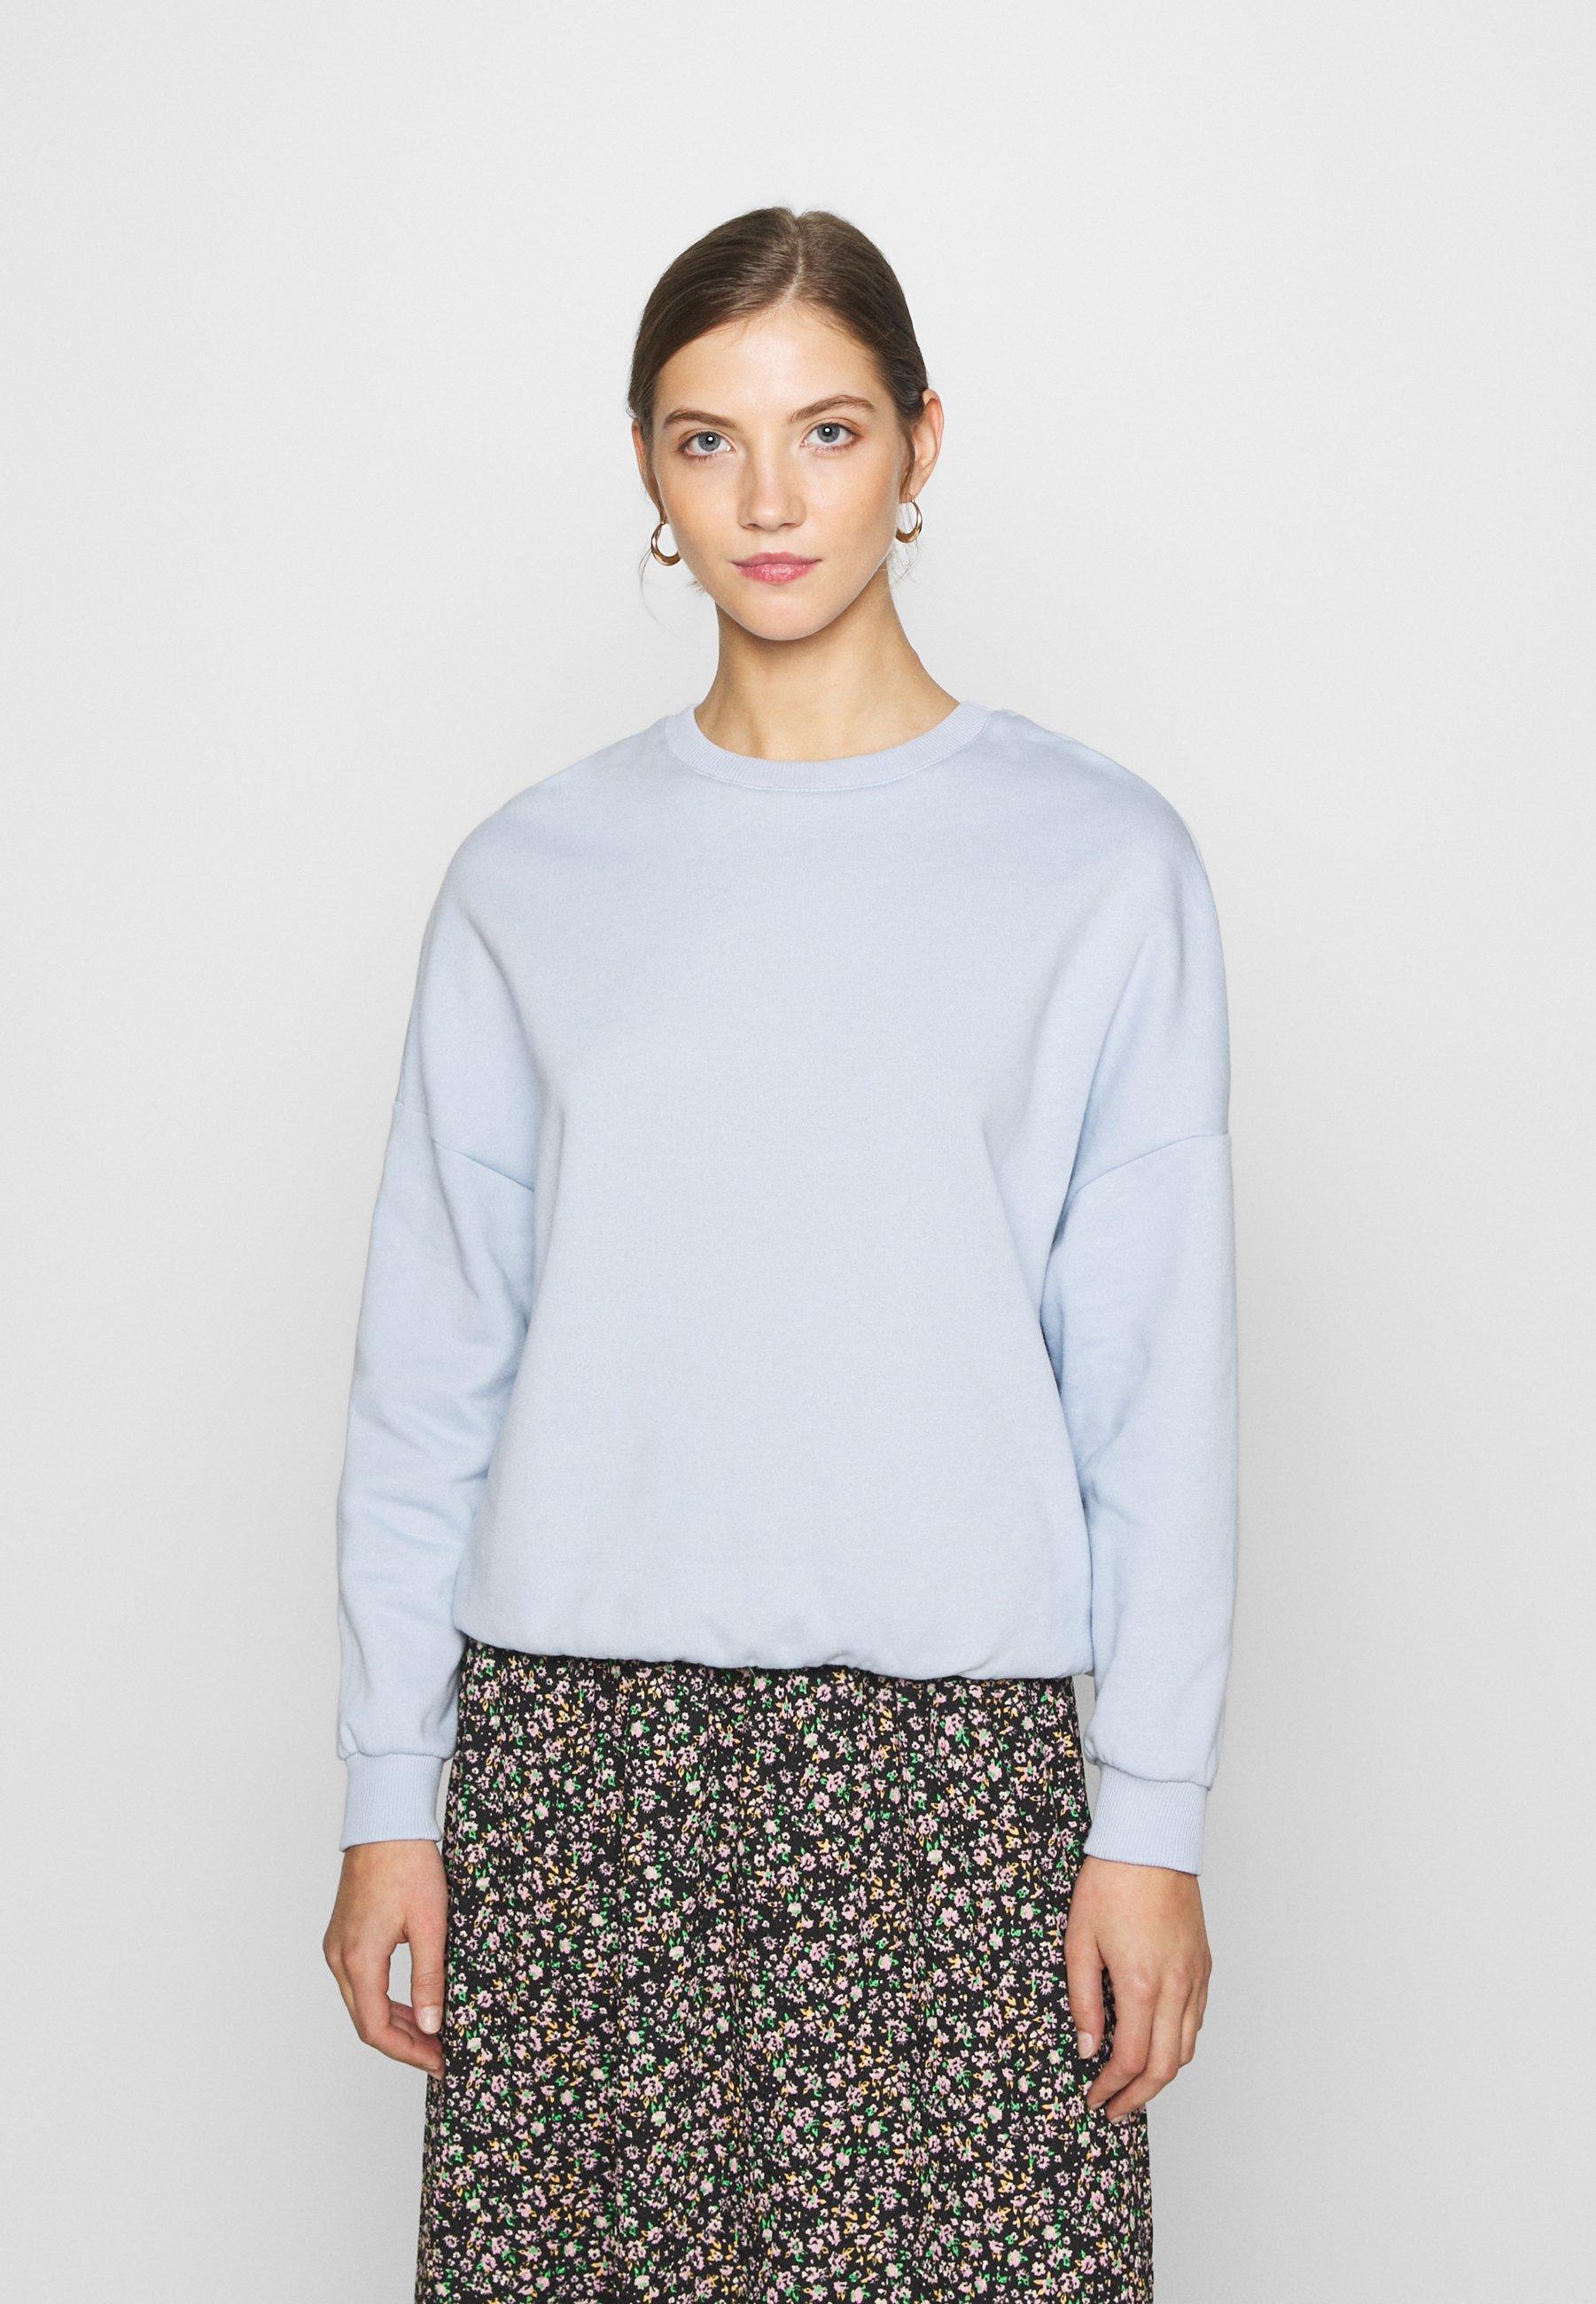 Women Oversized Sweatshirt - Sweatshirt